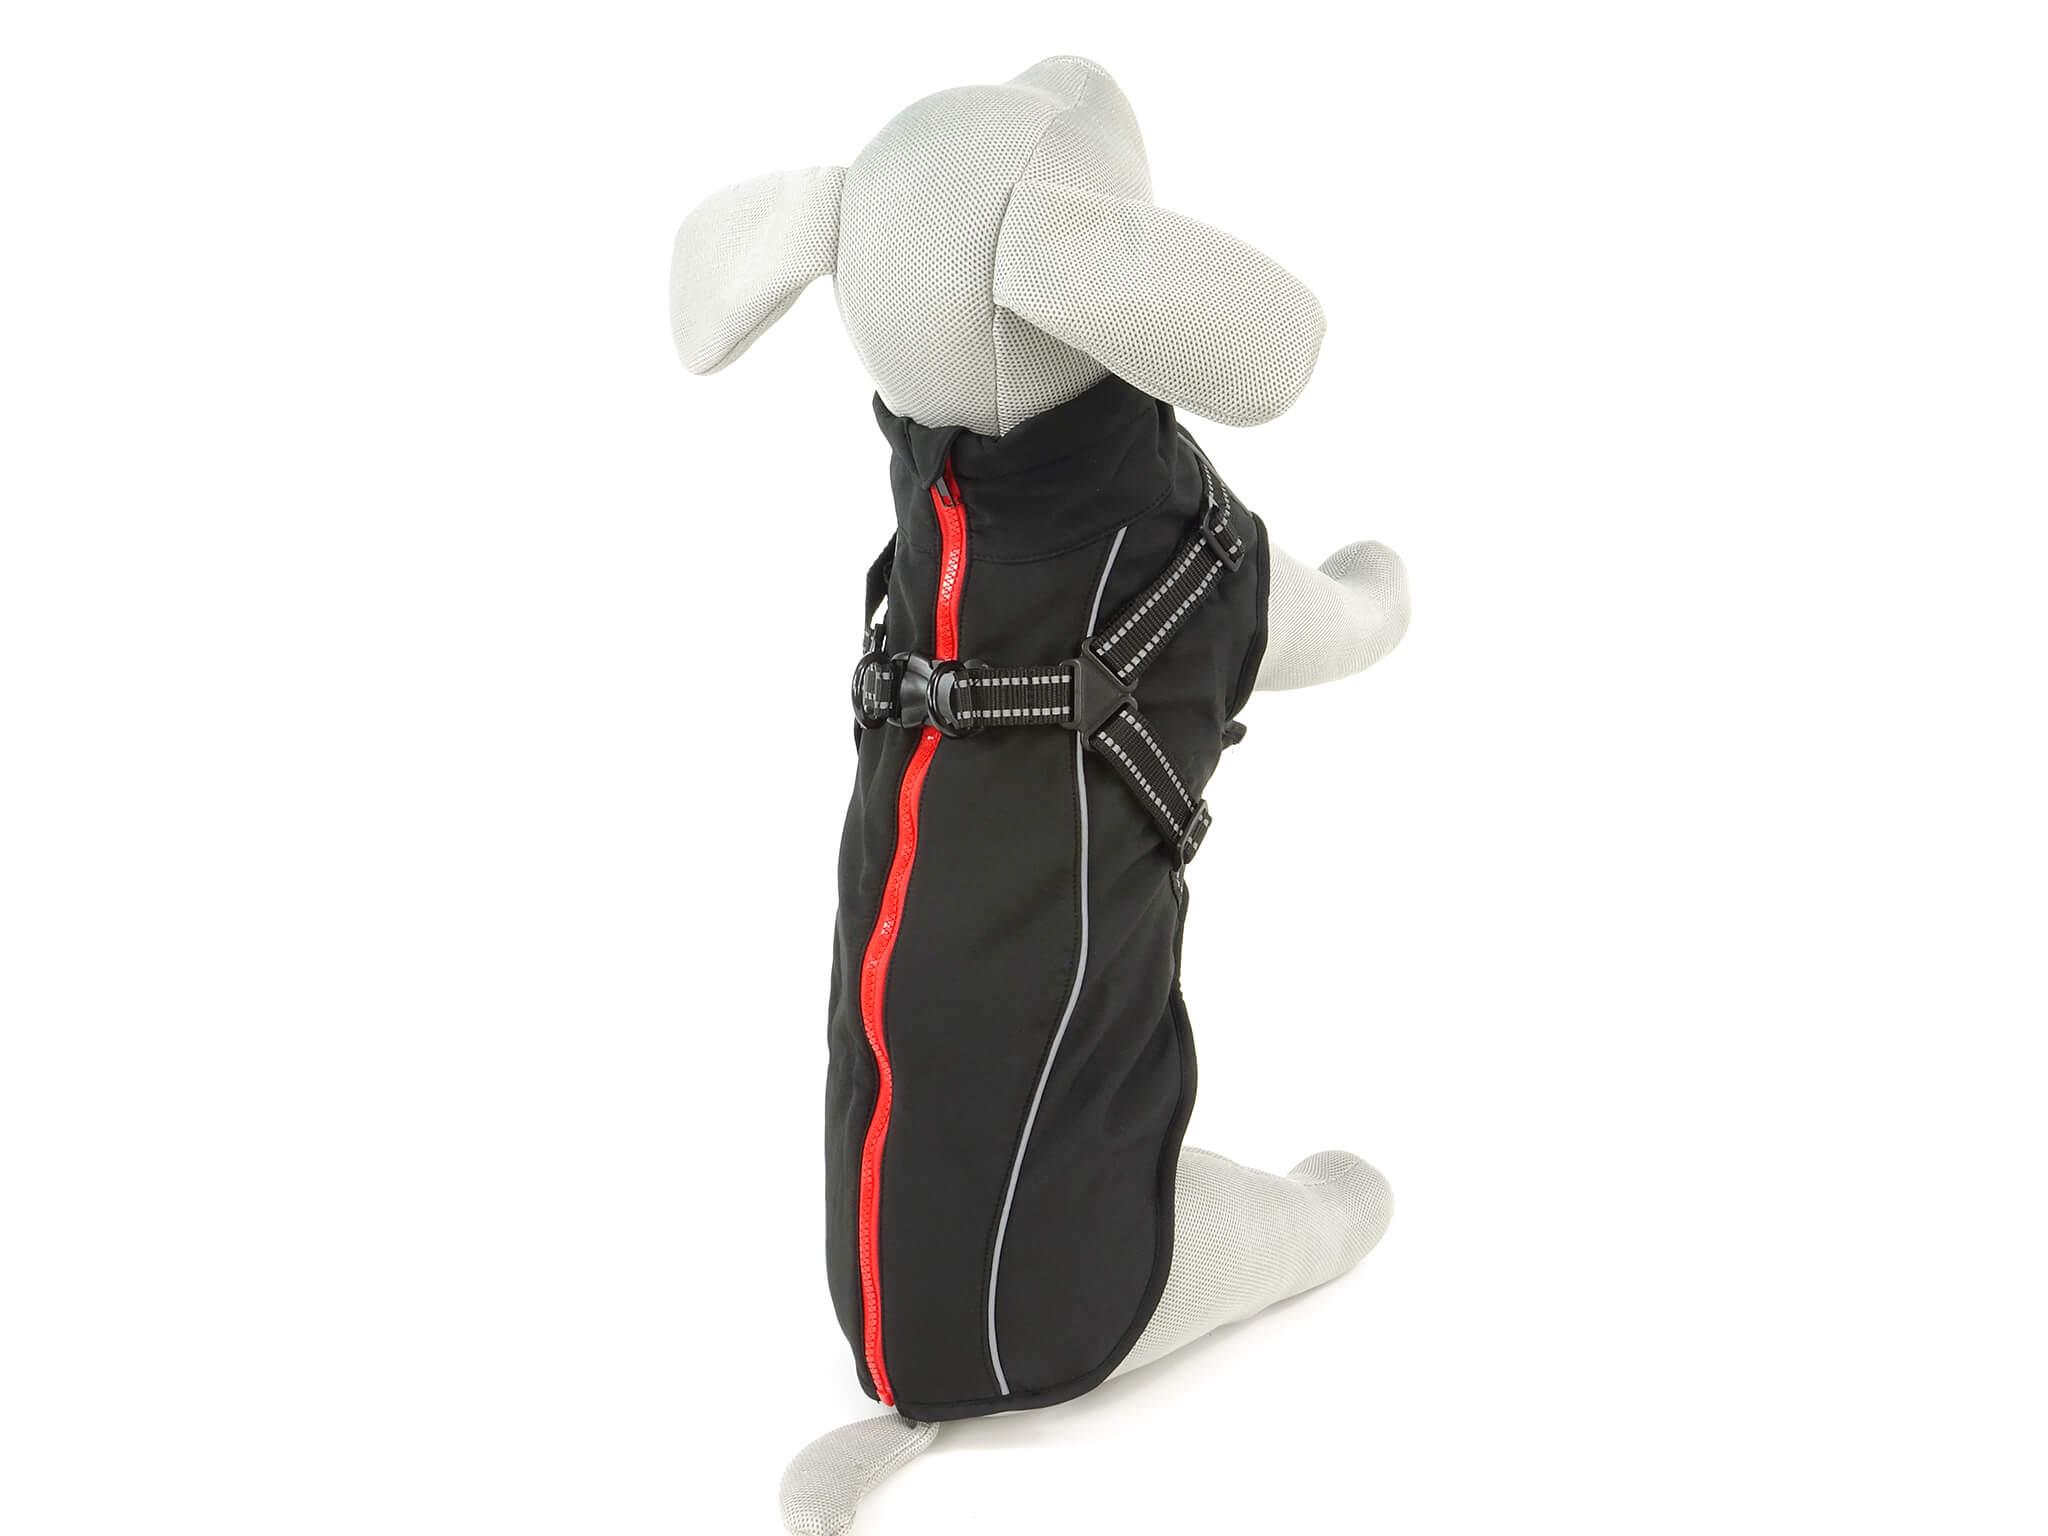 Vsepropejska Softshellová bunda pro psa s postrojem Barva: Černá, Délka zad psa: 41 cm, Obvod hrudníku: 50 - 55 cm